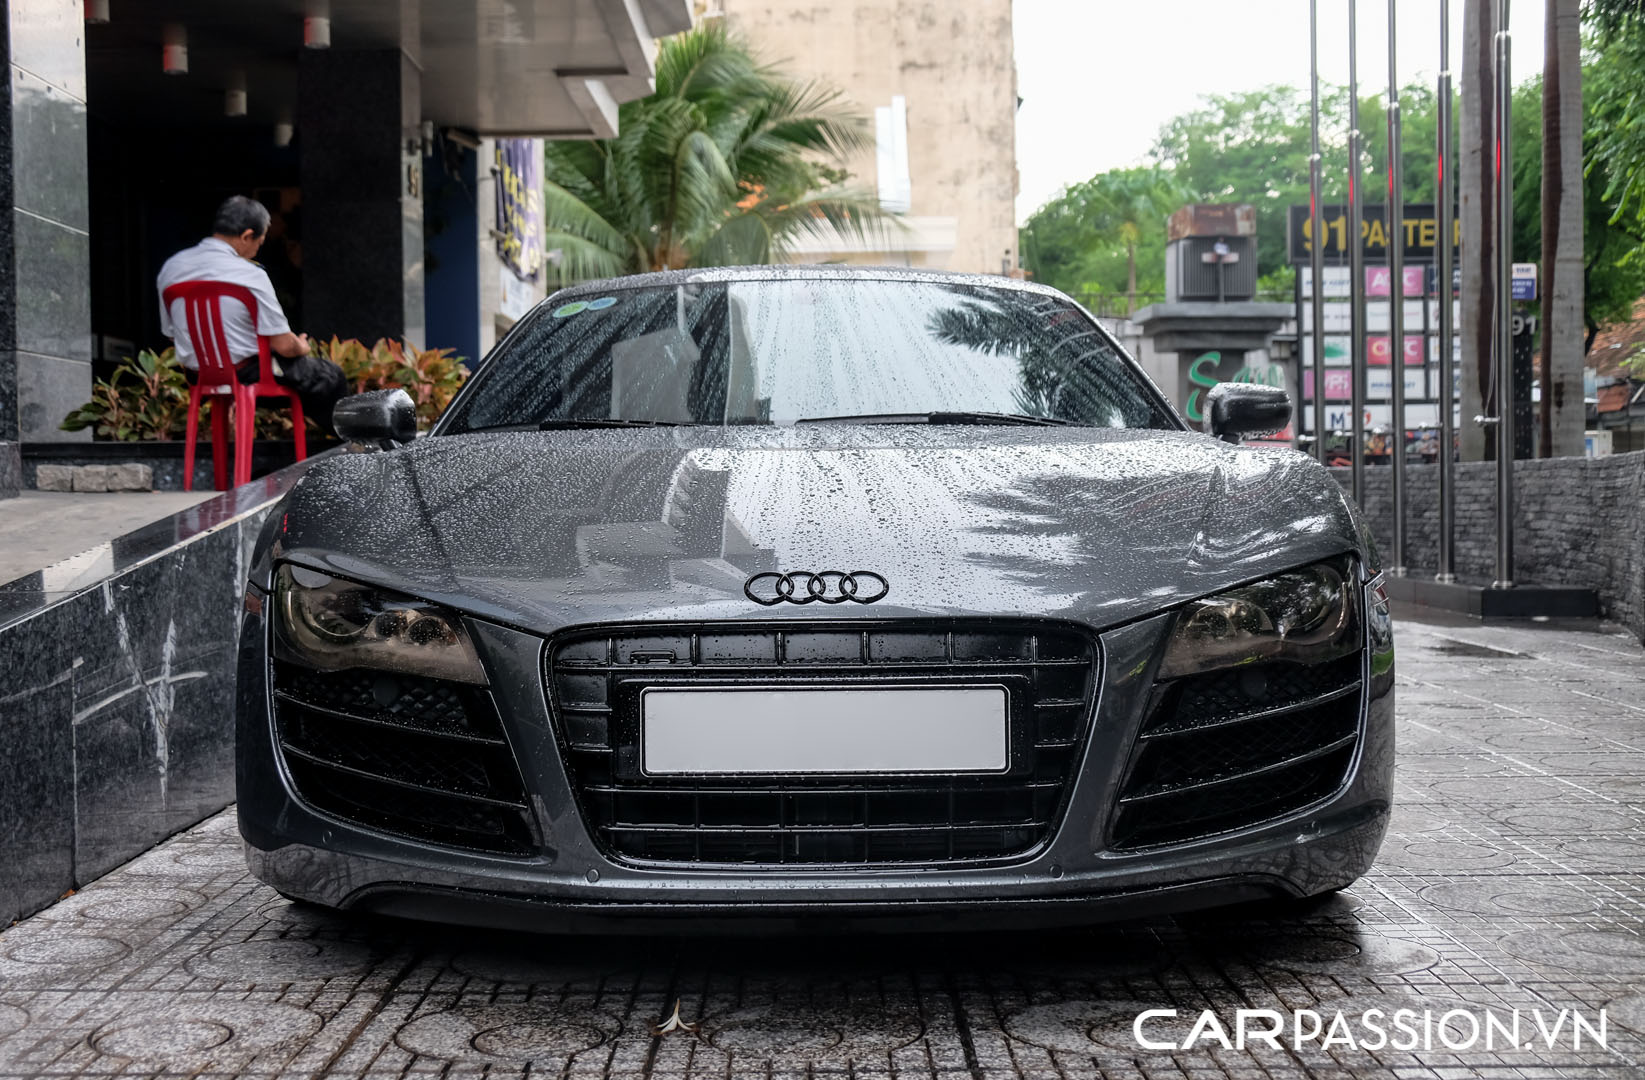 CP-Audi R8 V10 số sàn độ khủng (21).jpg